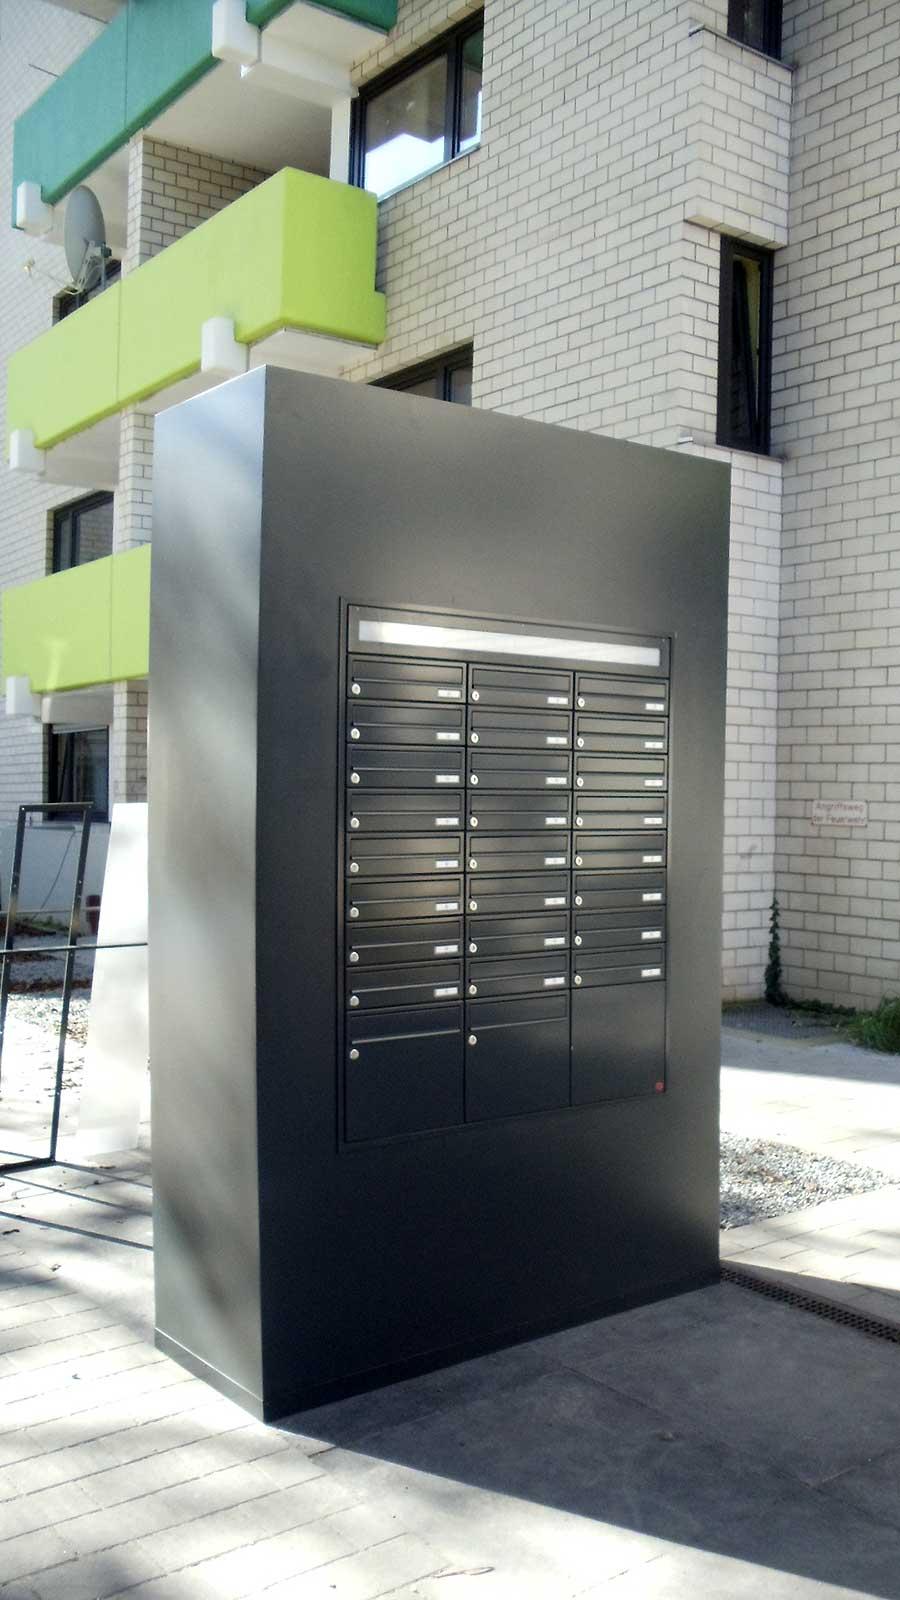 Briefkastenanlage, Briefkasten, Müllbox, Gartenhaus, Geräteschuppen